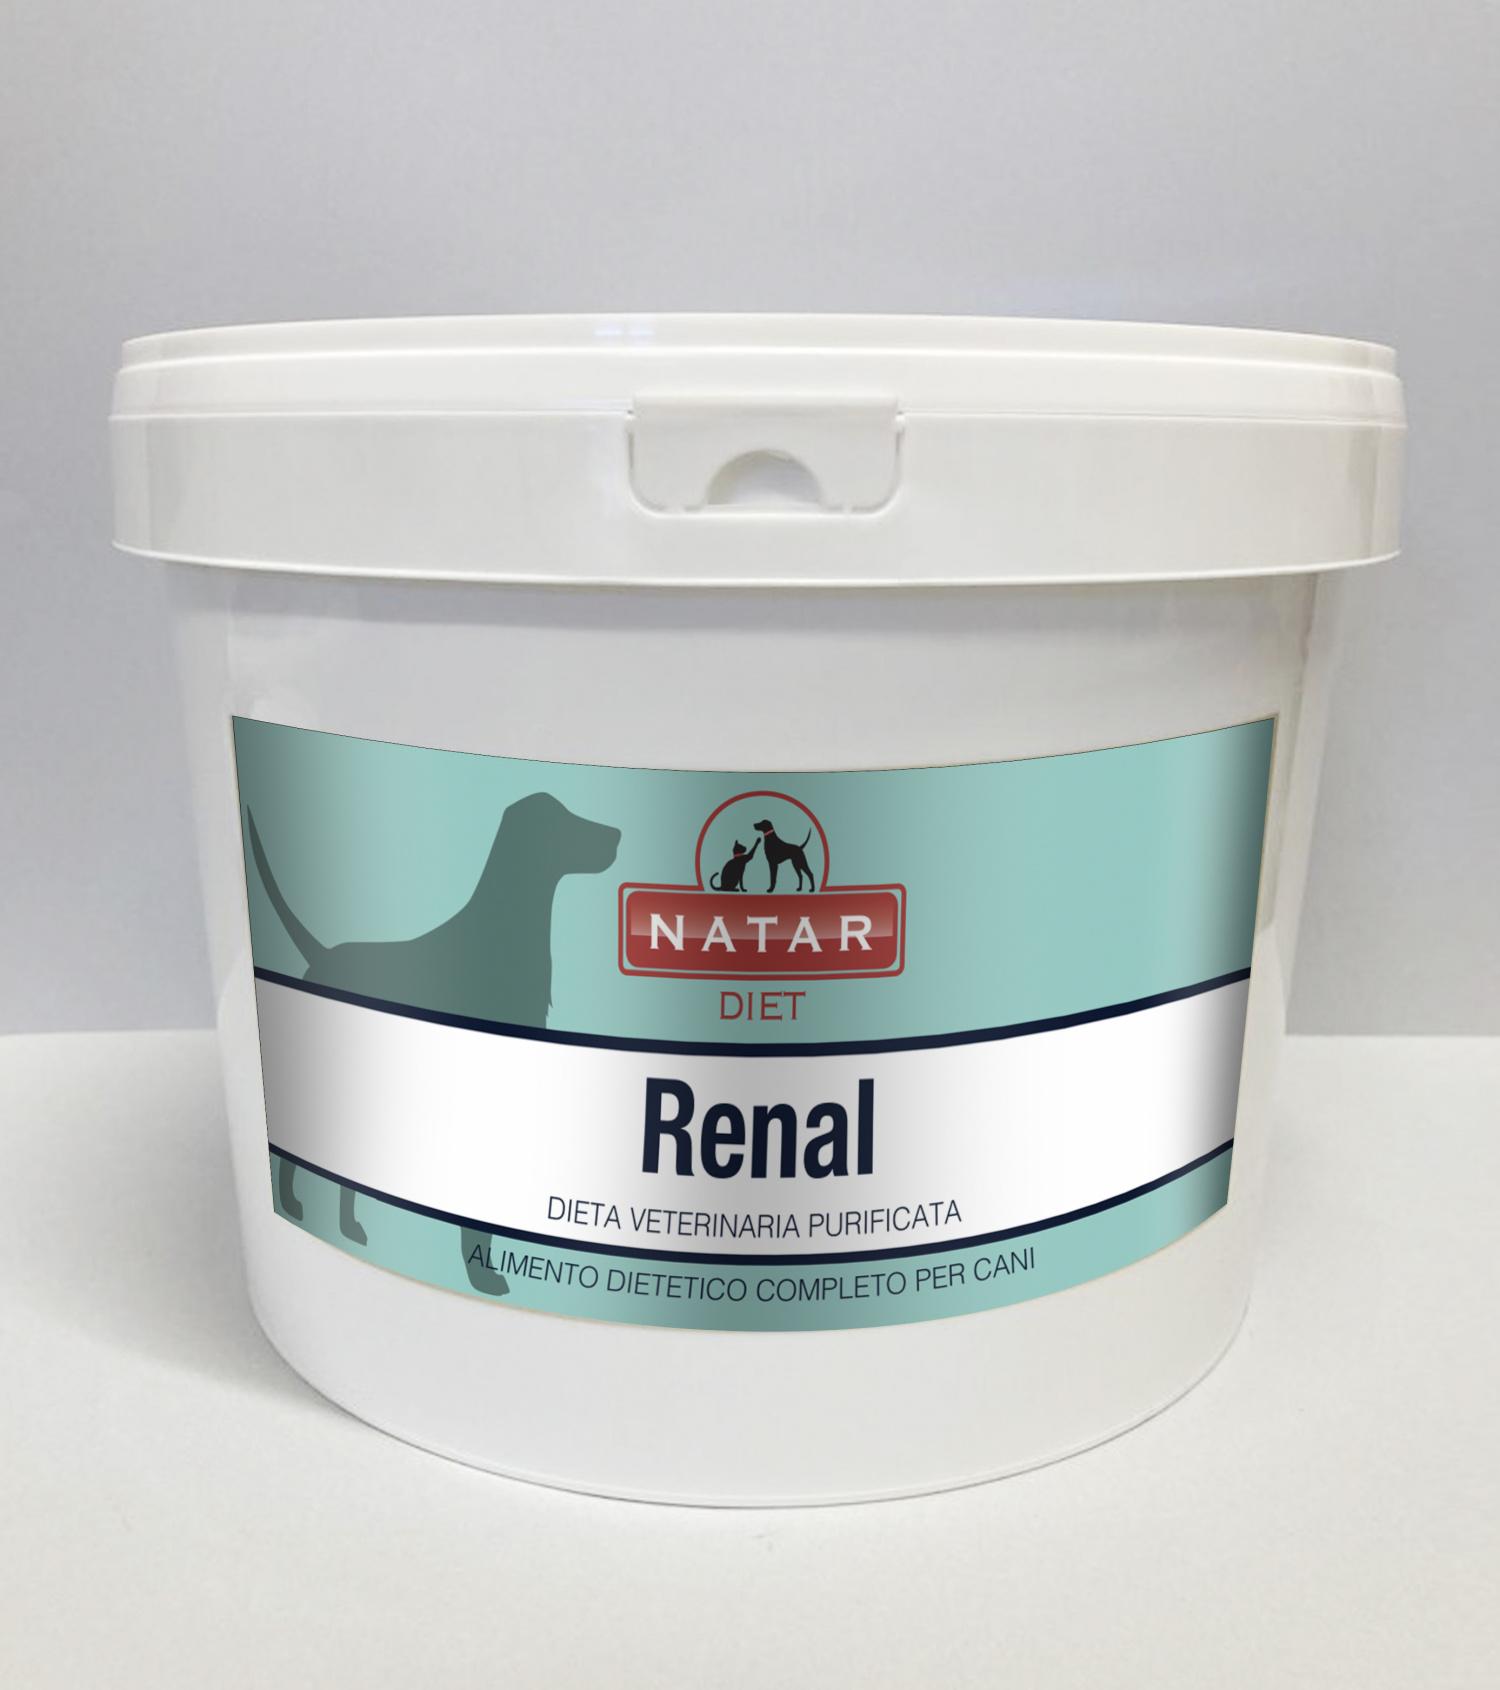 Natar Diet Renal cane